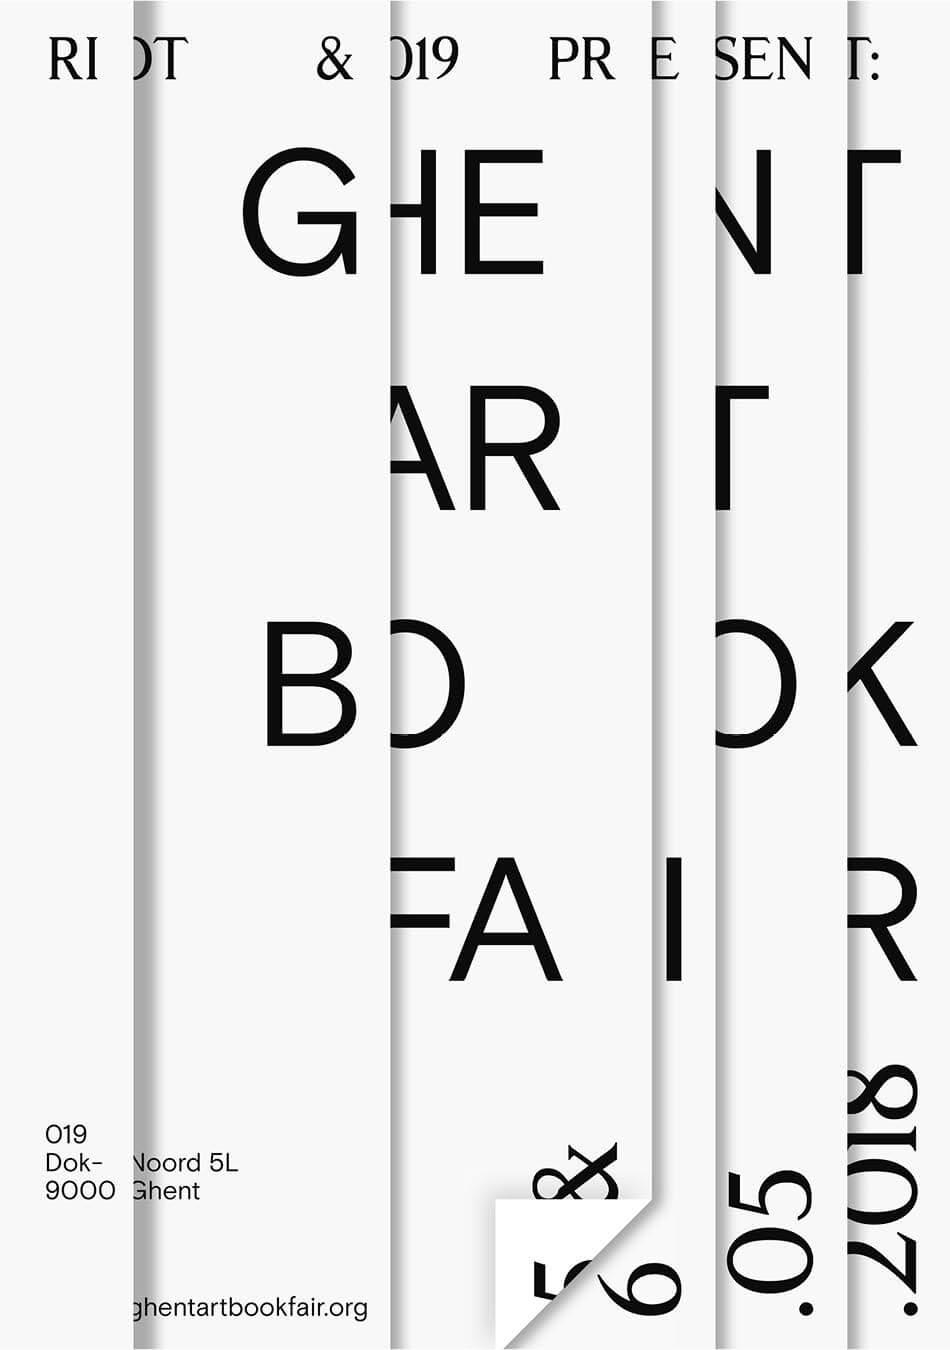 - 05.05.-06.06.2018 Ghent Art Book Fair at 019, Ghent